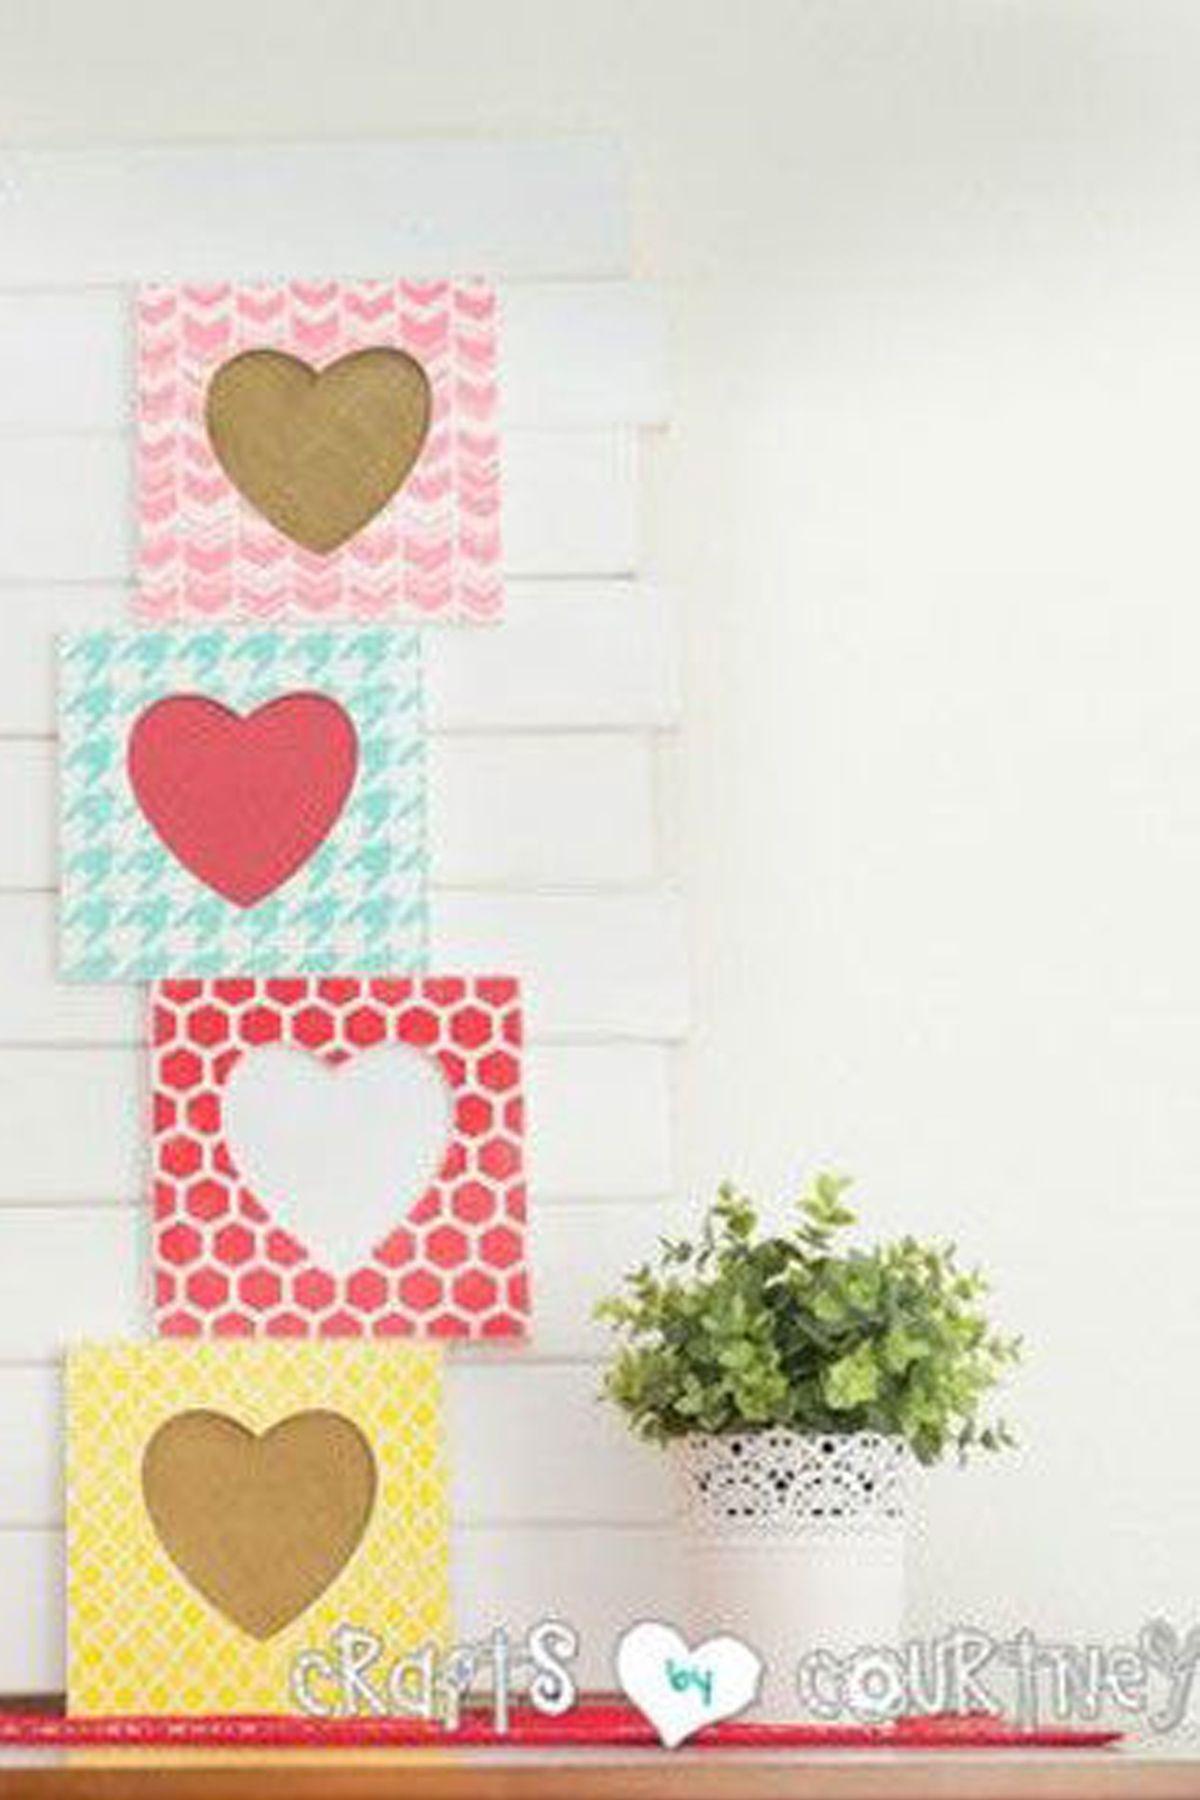 42 Valentineu0027s Day Crafts And DIY Ideas   Best Ideas For Valentineu0027s Day  Crafts